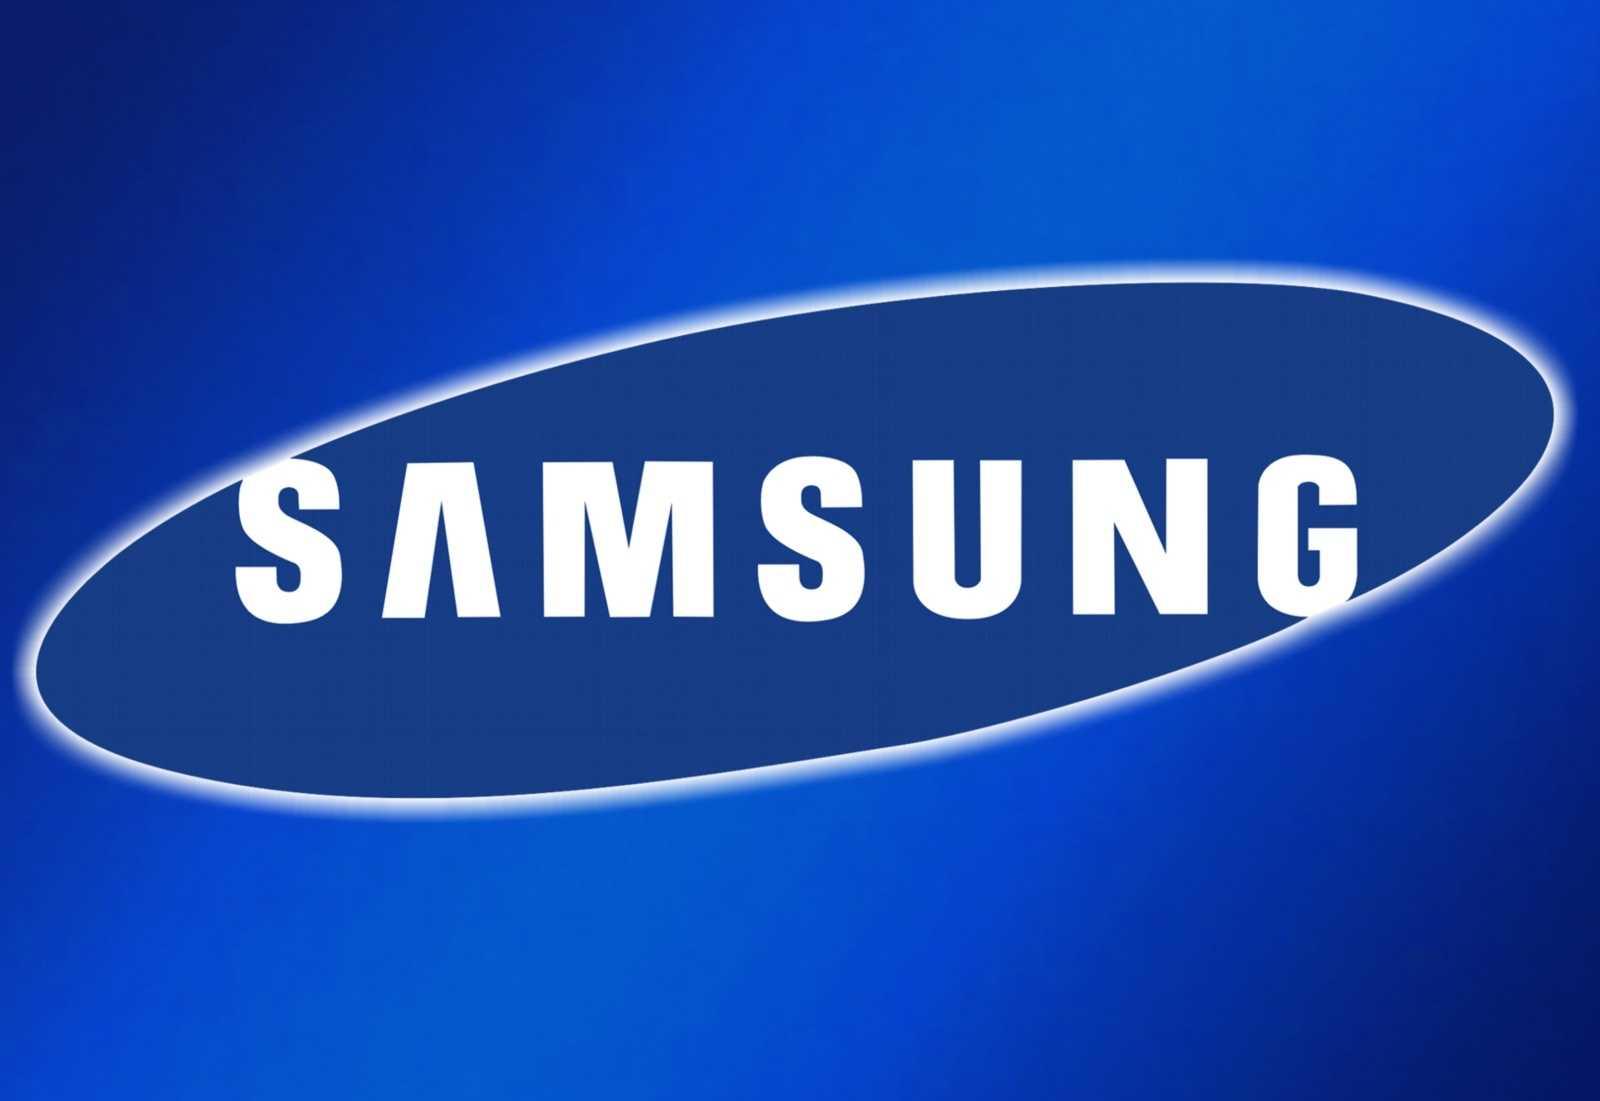 سامسونج ربما تعلن عن جالاكسي تاب 4 وجالاكسي Gear 2 نهاية هذا الشهر - صدى التقنية